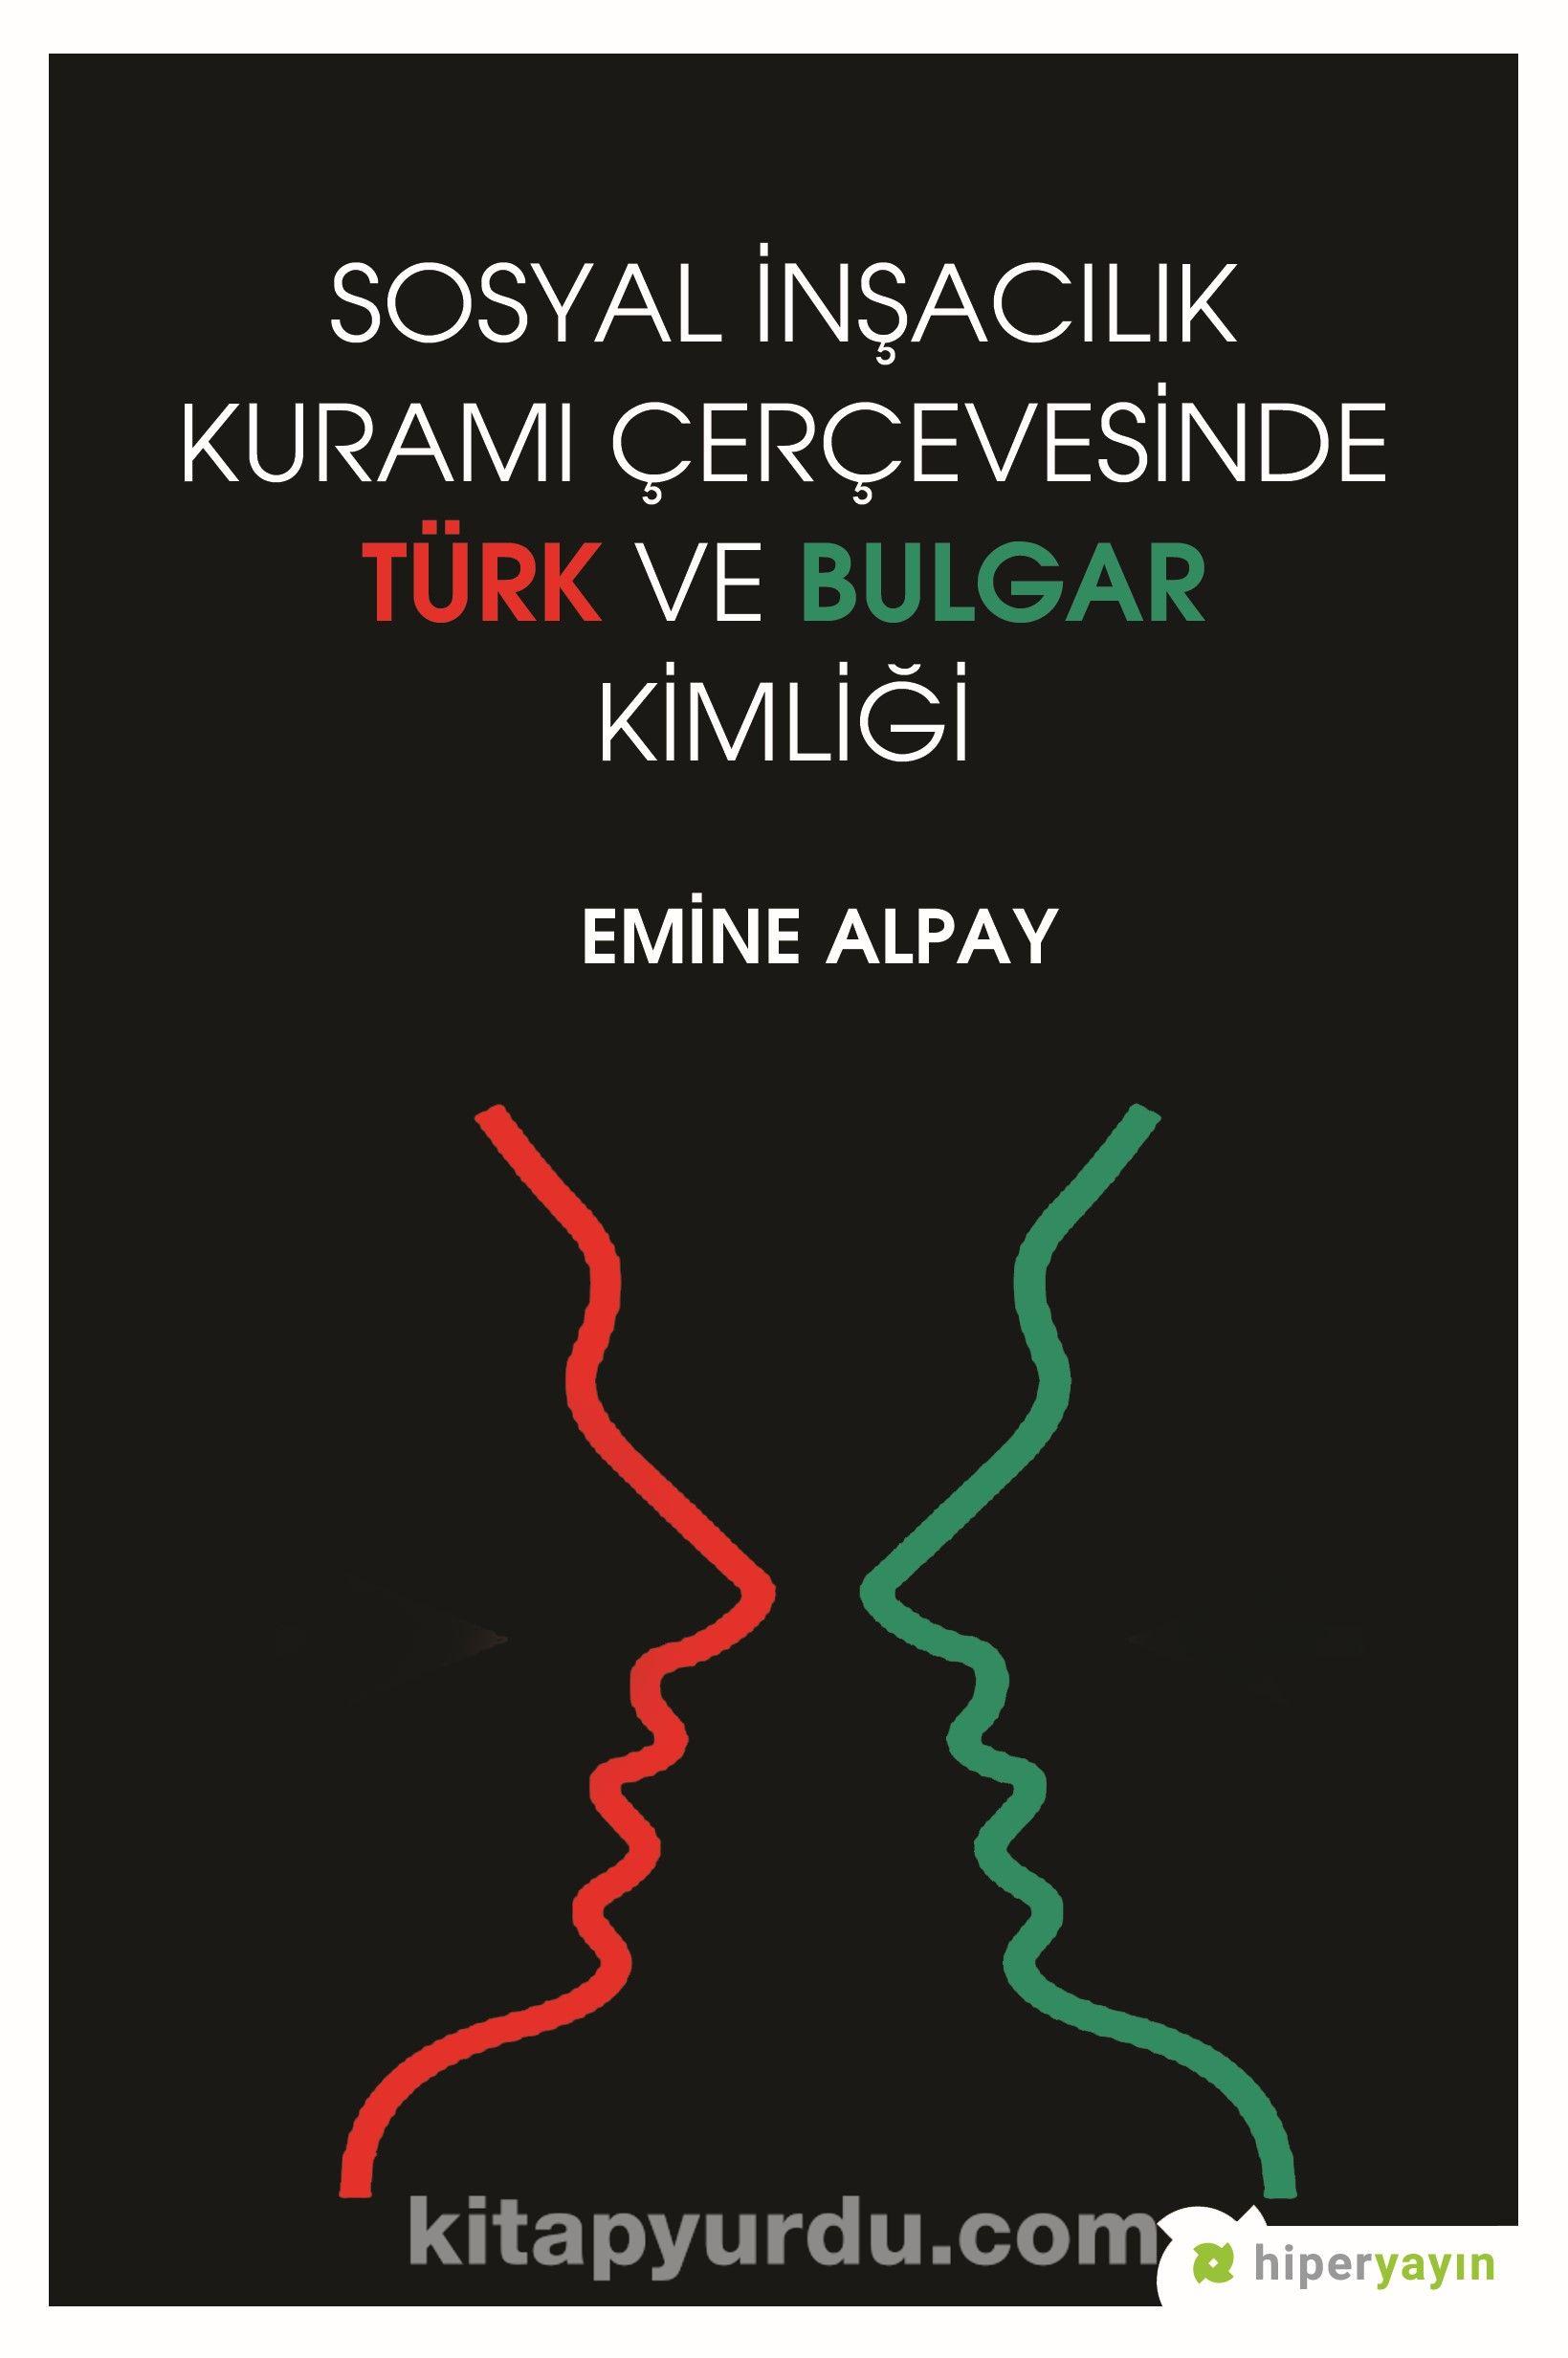 Sosyal İnşacılık Kuramı Çerçevesinde Türk ve Bulgar Kimliği - Emine Alpay pdf epub